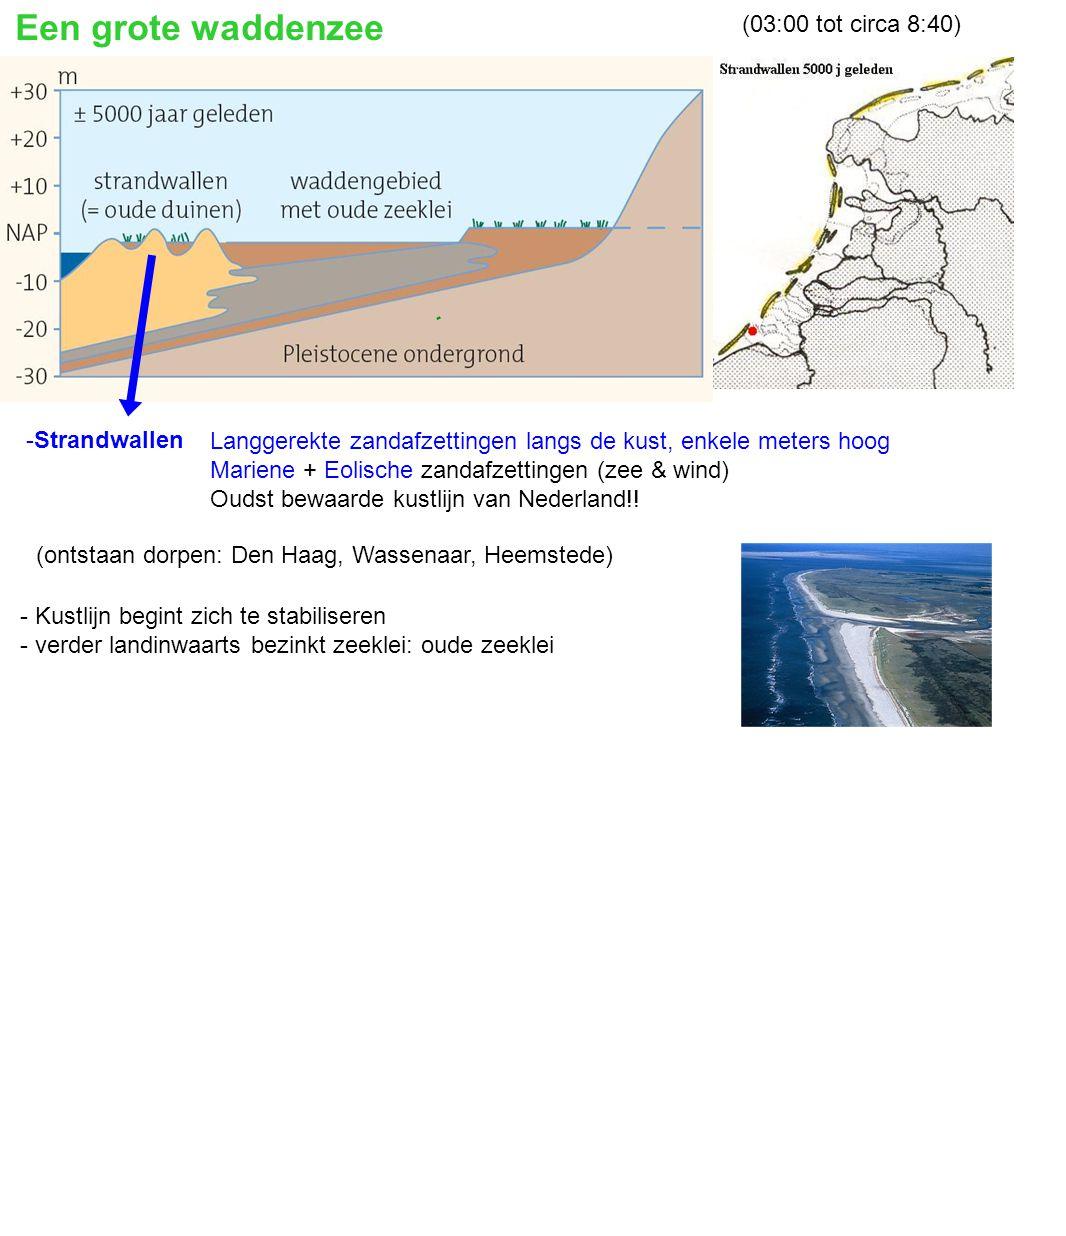 -Strandwallen Langgerekte zandafzettingen langs de kust, enkele meters hoog Mariene + Eolische zandafzettingen (zee & wind) Oudst bewaarde kustlijn va